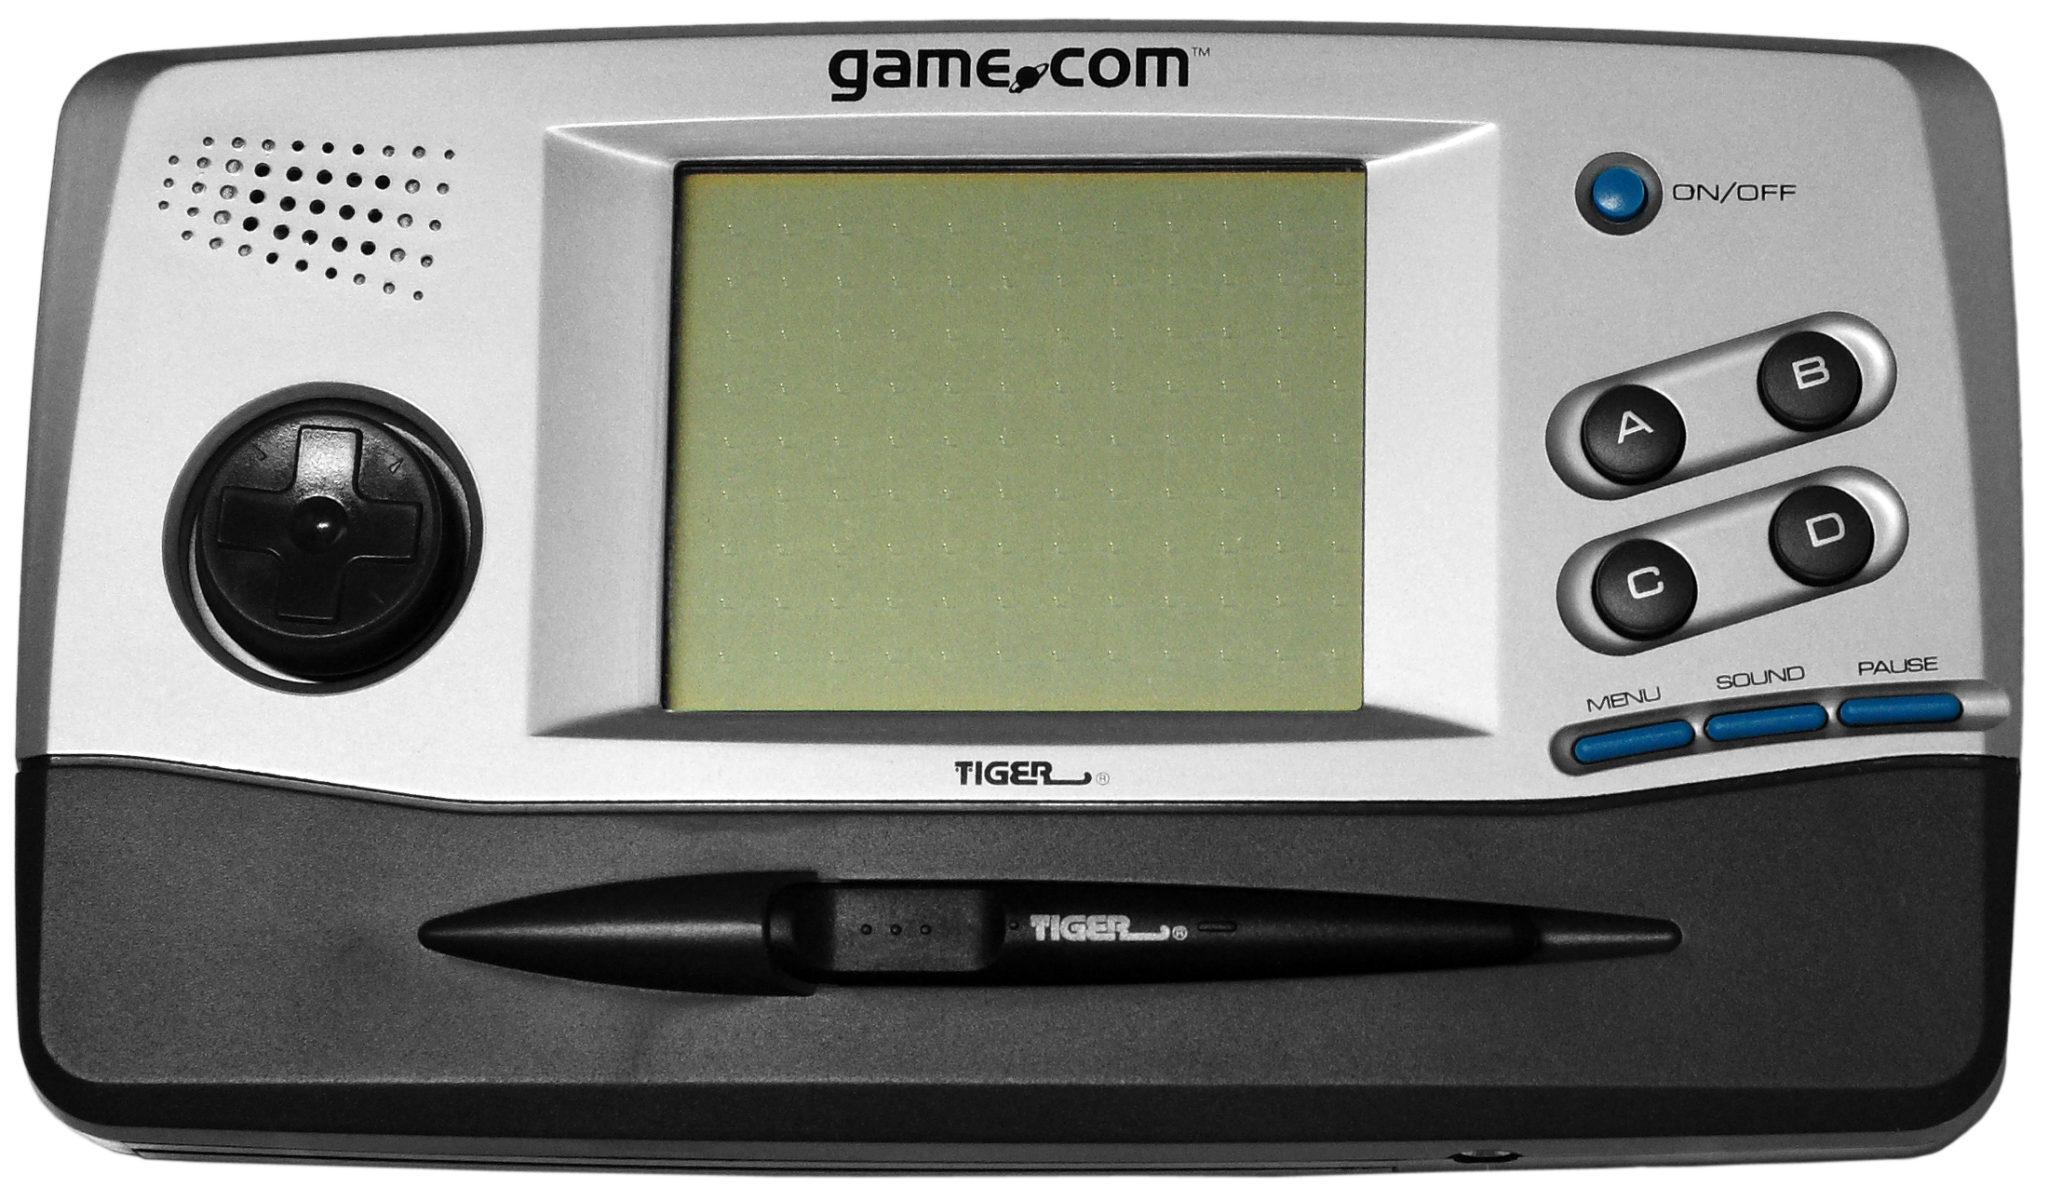 Peggiori console game.com